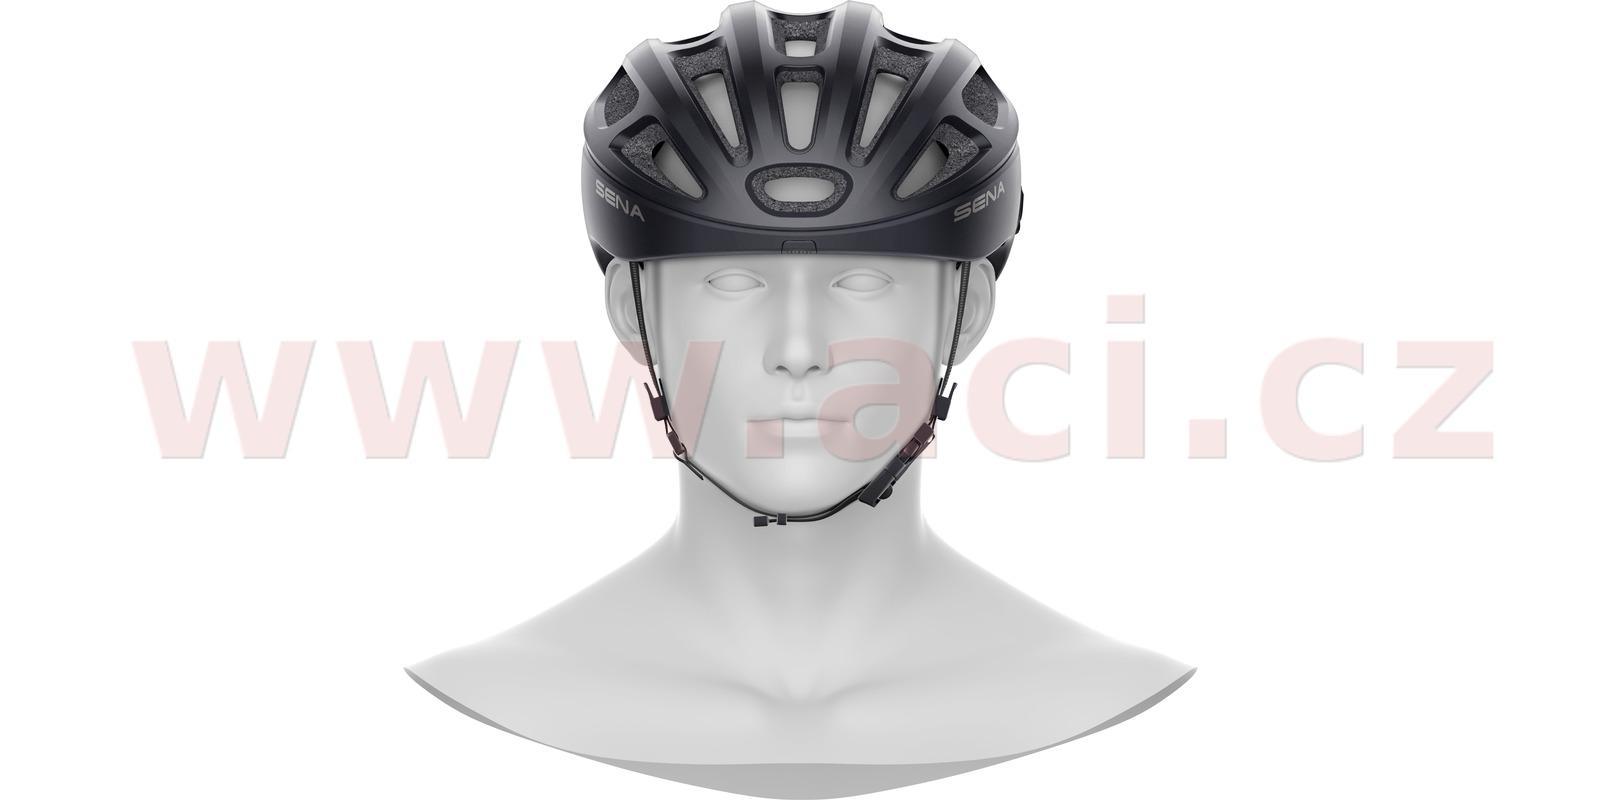 cyklo přilba s headsetem R1, SENA (černá, vel. M)